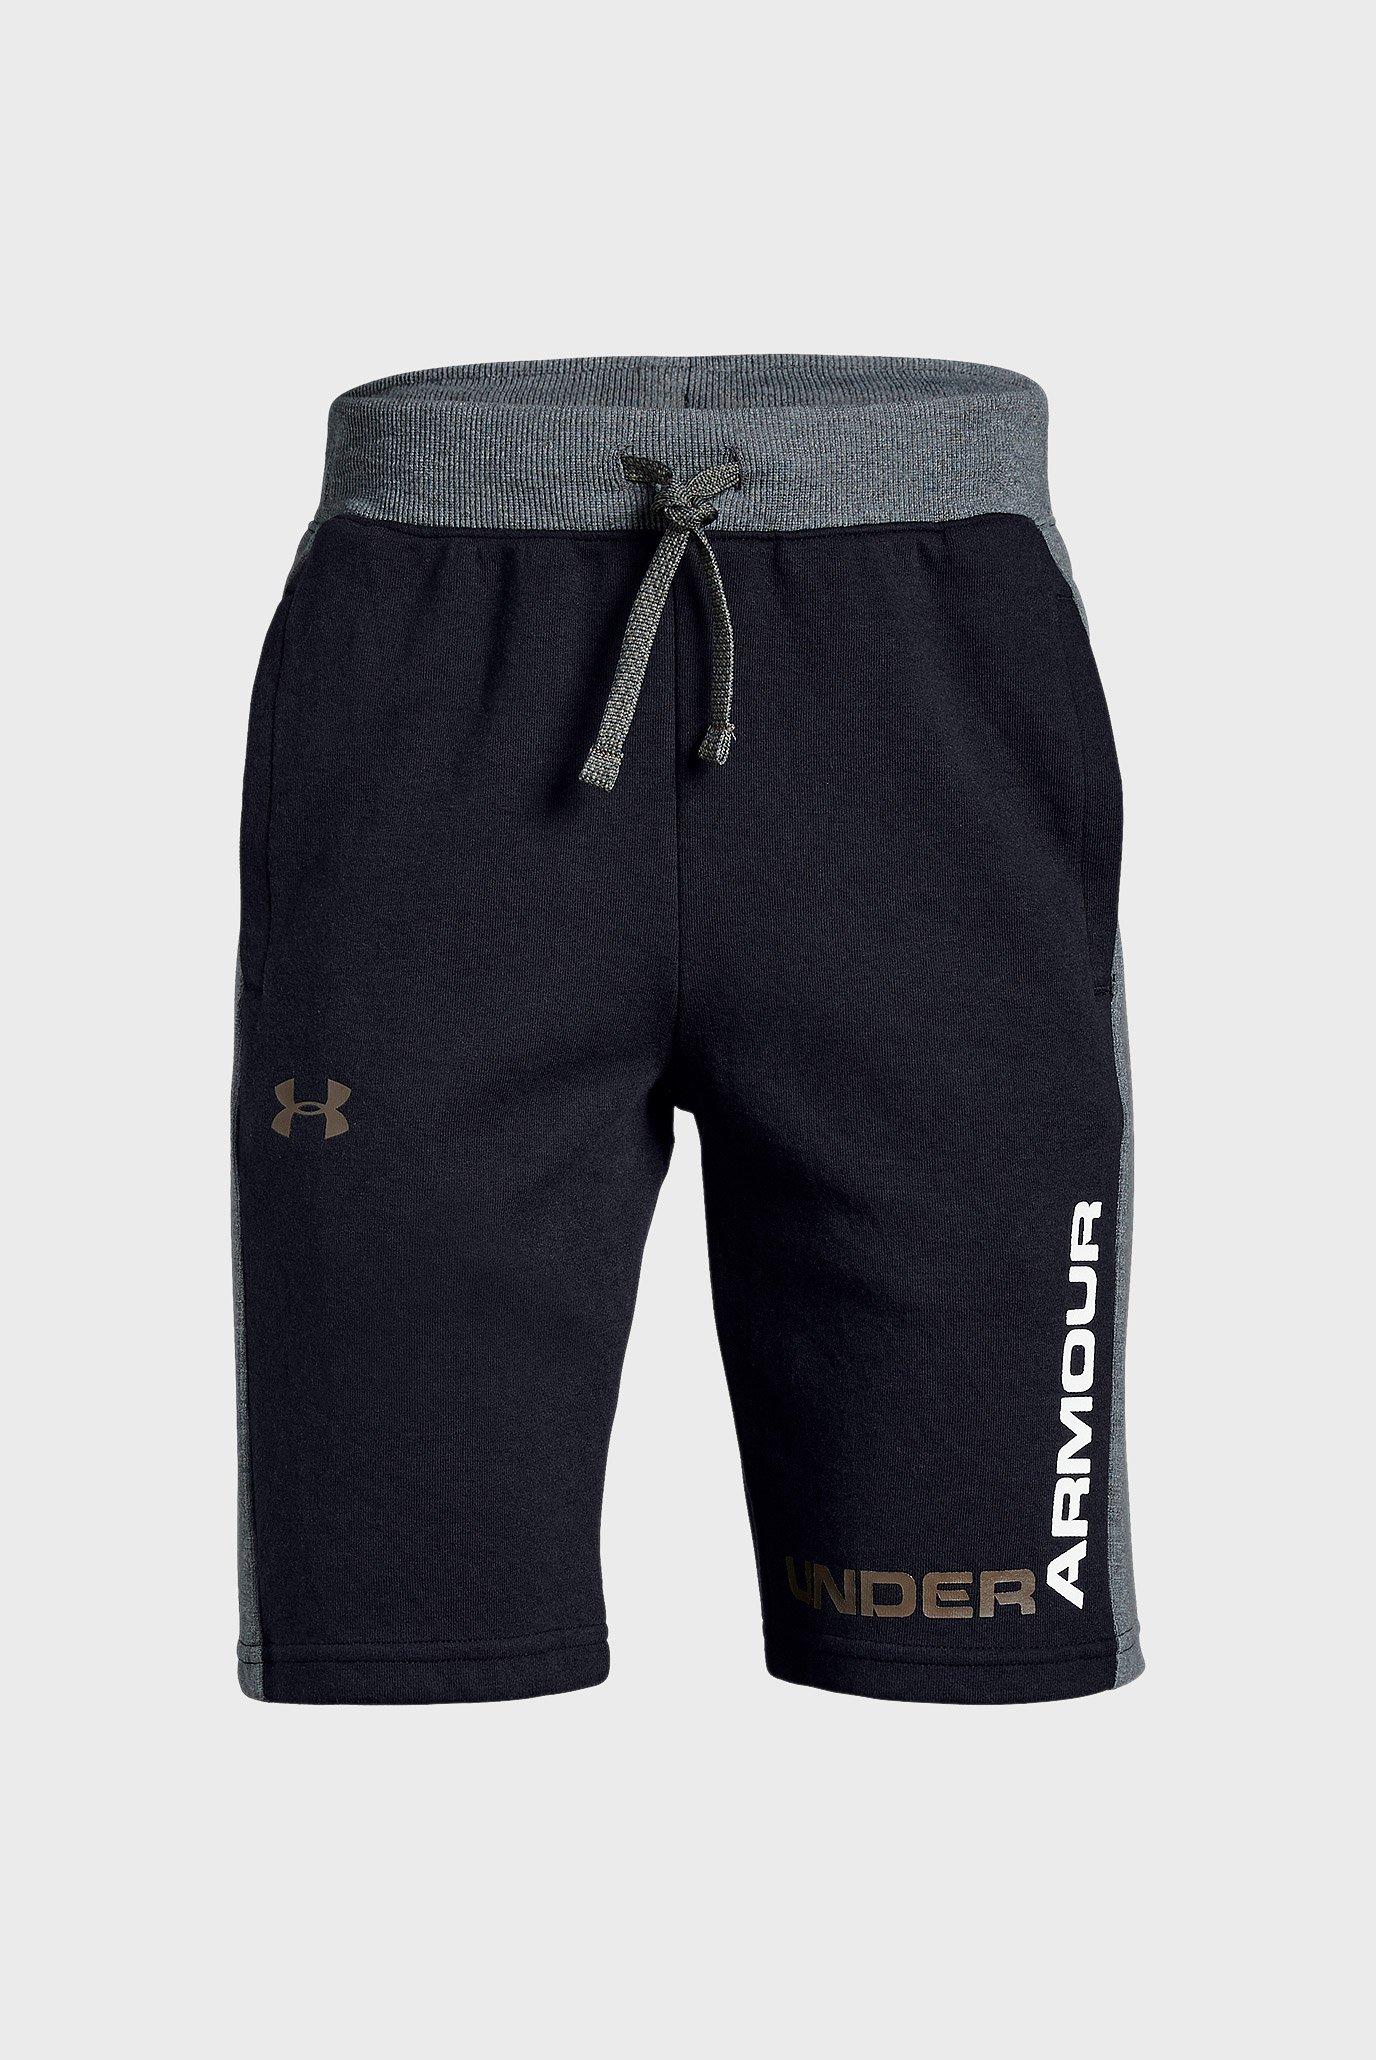 Купить Детские черные шорты Unstoppable Double Knit Short Under Armour Under Armour 1329052-001 – Киев, Украина. Цены в интернет магазине MD Fashion